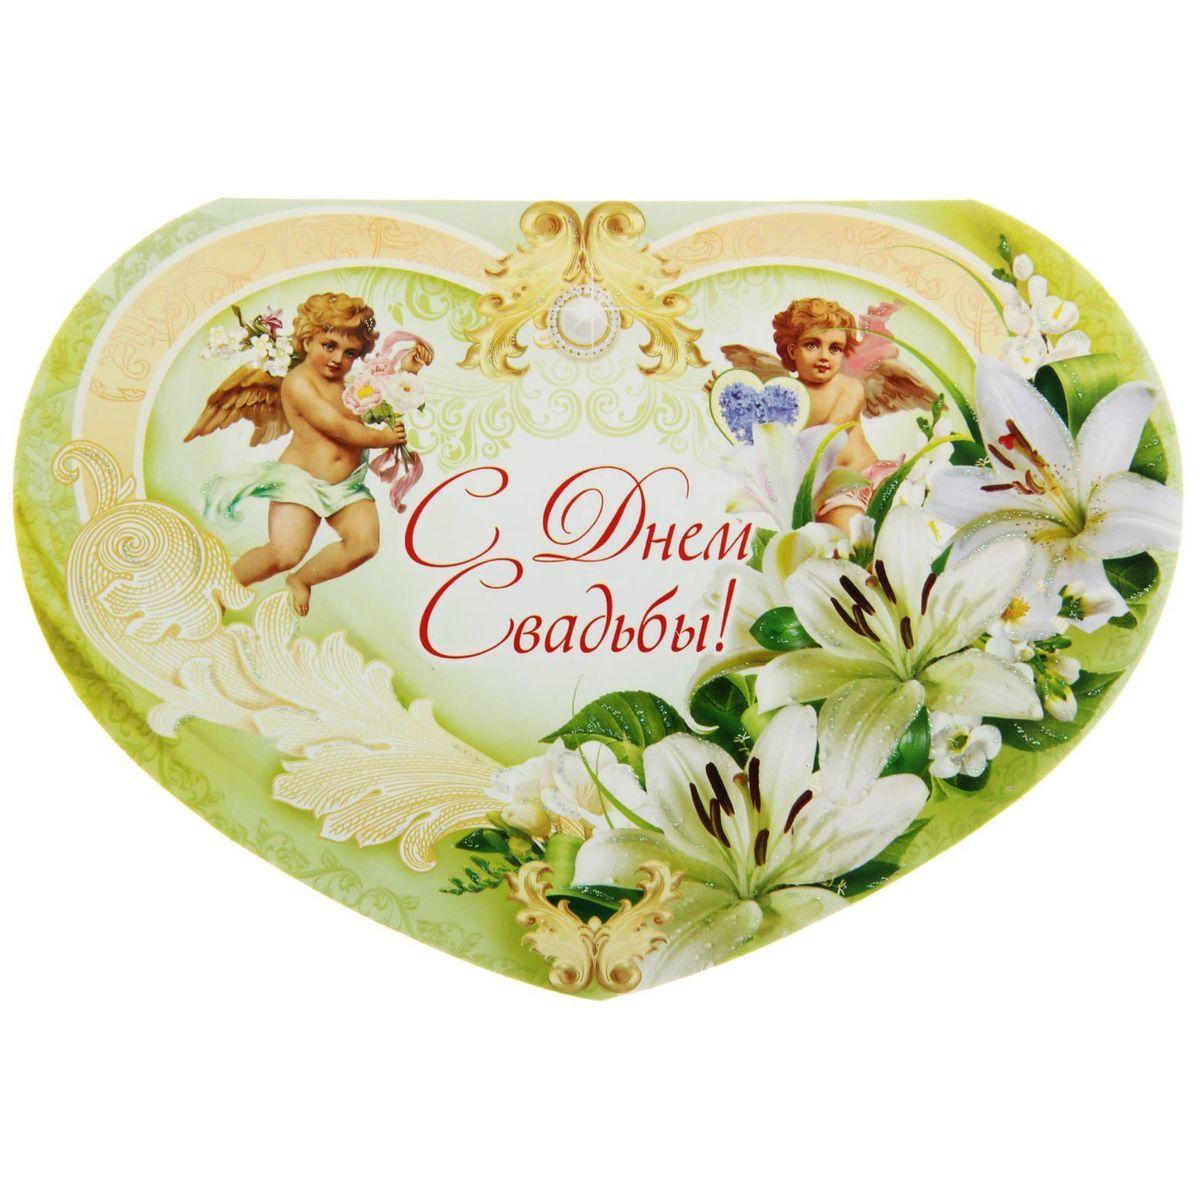 Открытка Эдельвейс С днем свадьбы. Два ангелаБрелок для ключейЕсли вы хотите порадовать себя или близких, создать праздничное настроение и с улыбкой провести памятный день, то вы, несомненно, сделали правильный выбор! Открытка Открытка Эдельвейс С днем свадьбы. Два ангела, выполненная из плотной бумаги, отличается не только оригинальным дизайном, но и высоким качеством.Лицевая сторона изделия оформлена ярким изображением. Внутри открытка содержит текст с поздравлением.Такая открытка непременно порадует получателя и станет отличным напоминанием о проведенном вместе времени.